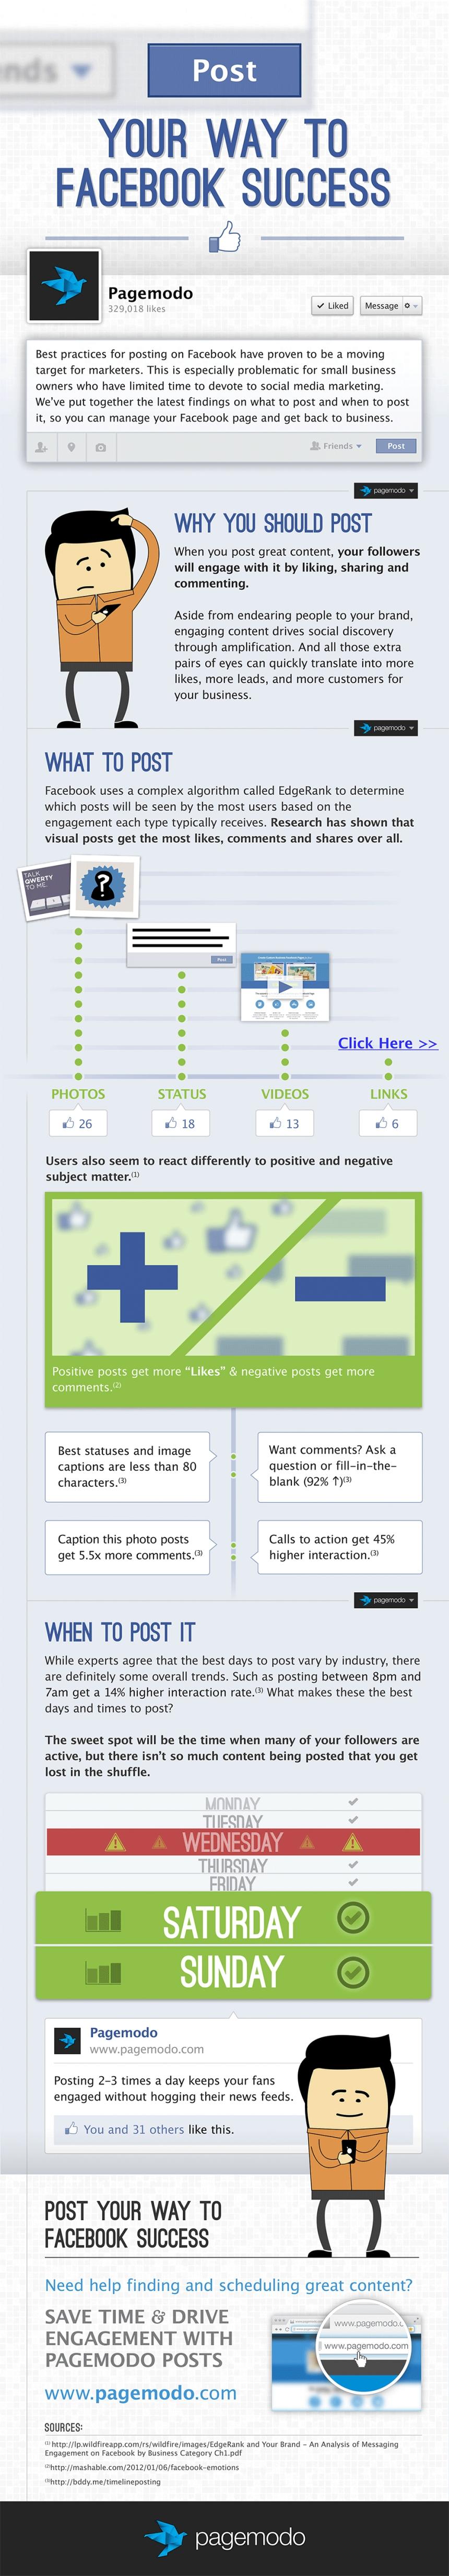 Publicar: el camino al éxito en FaceBook